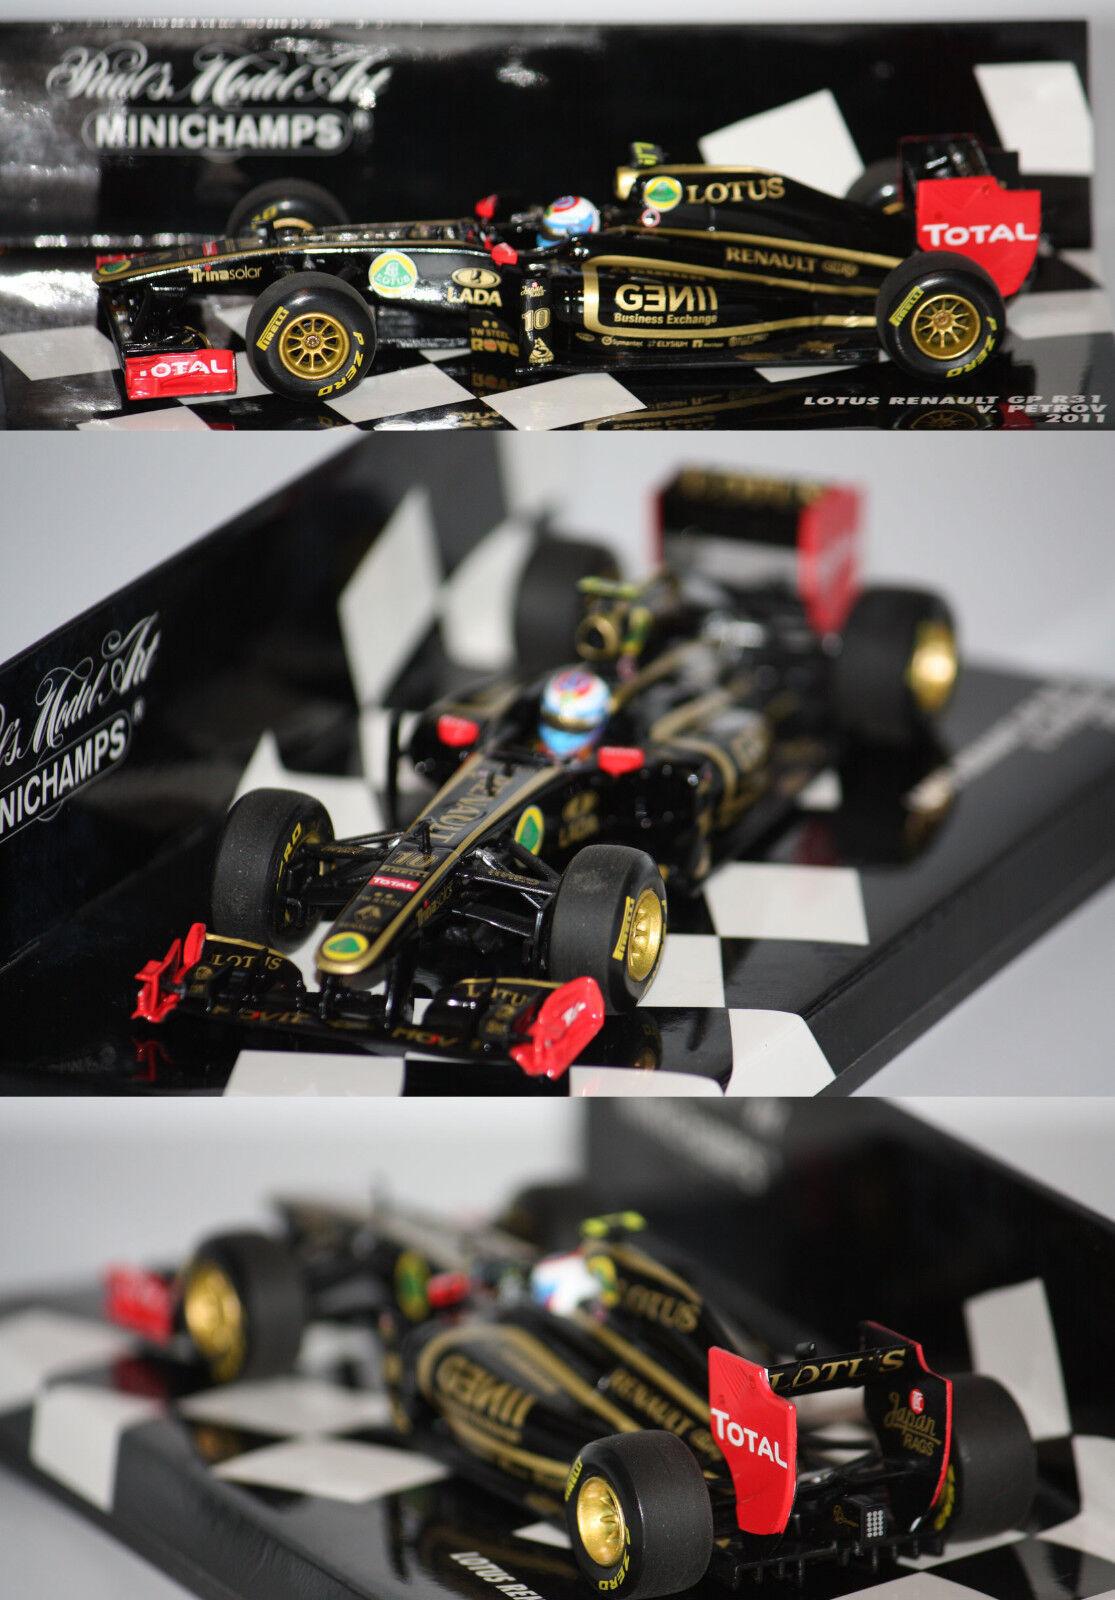 Minichamps F1 Lotus Renault Gp R31 2011V. Petrov 1 43 410110110